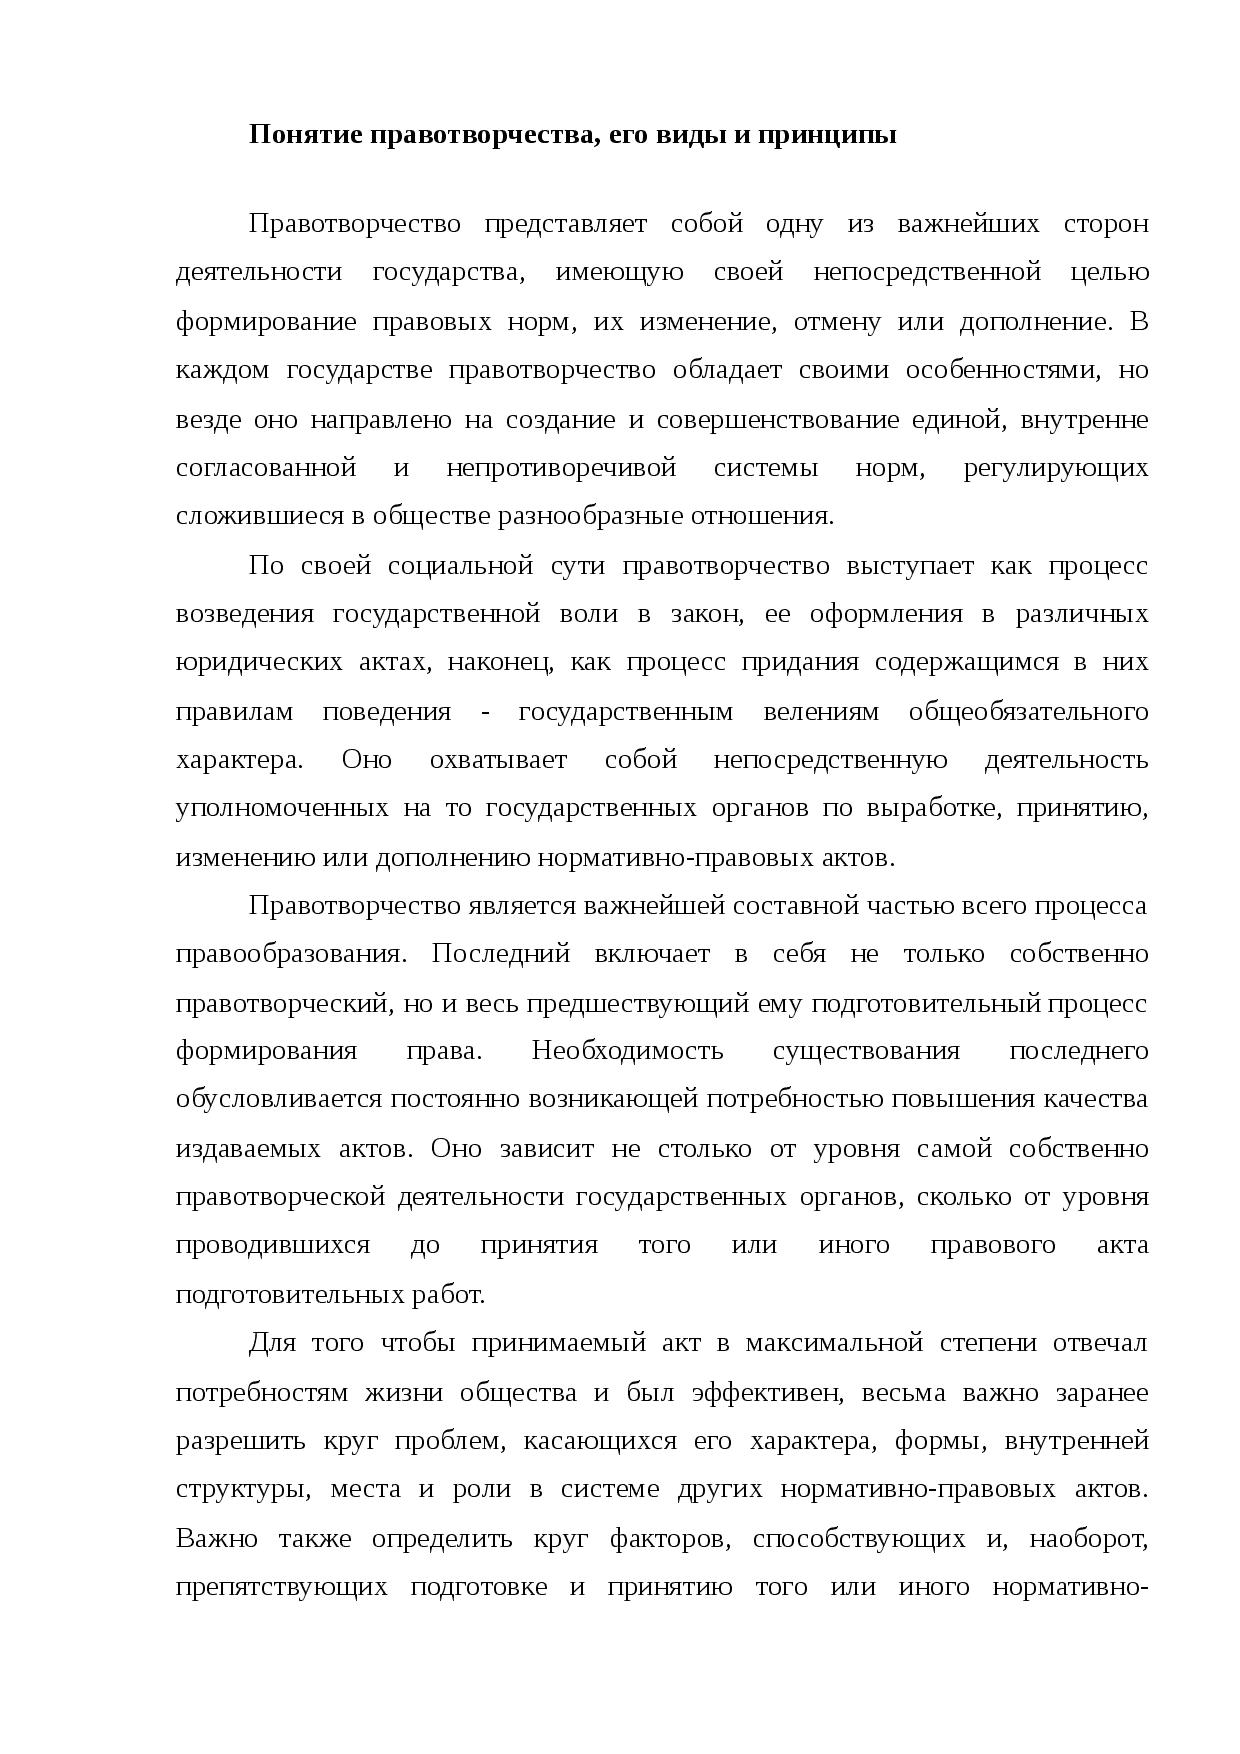 43) стадии и виды правотворчества. законодательный процесс в рф.